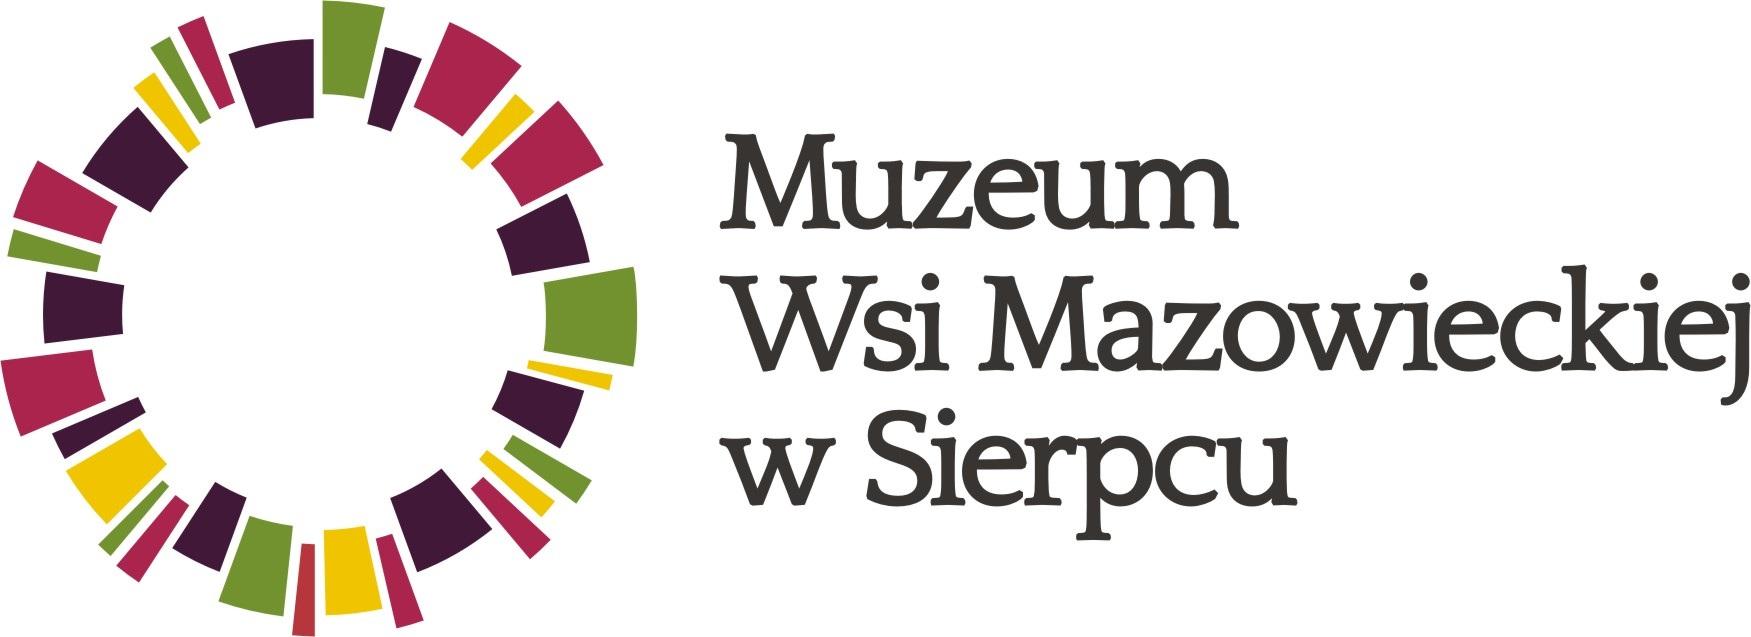 logo_xi-mazowieckich-dni-integracji-osob-niepelnosprawnych-w-sierpcu